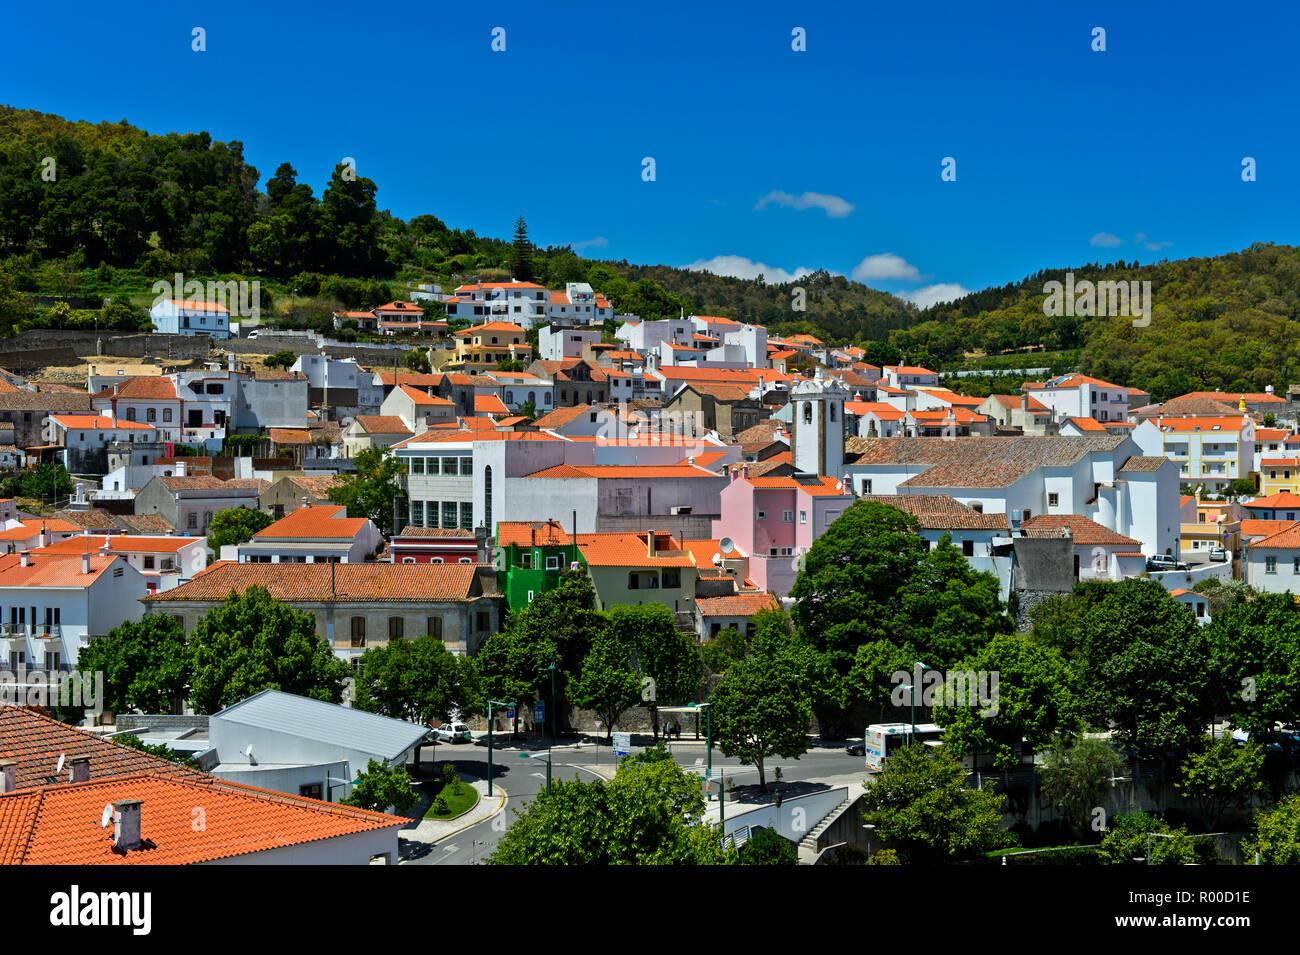 Town centre of Monchique, Algarve, Portugal - Stock Image